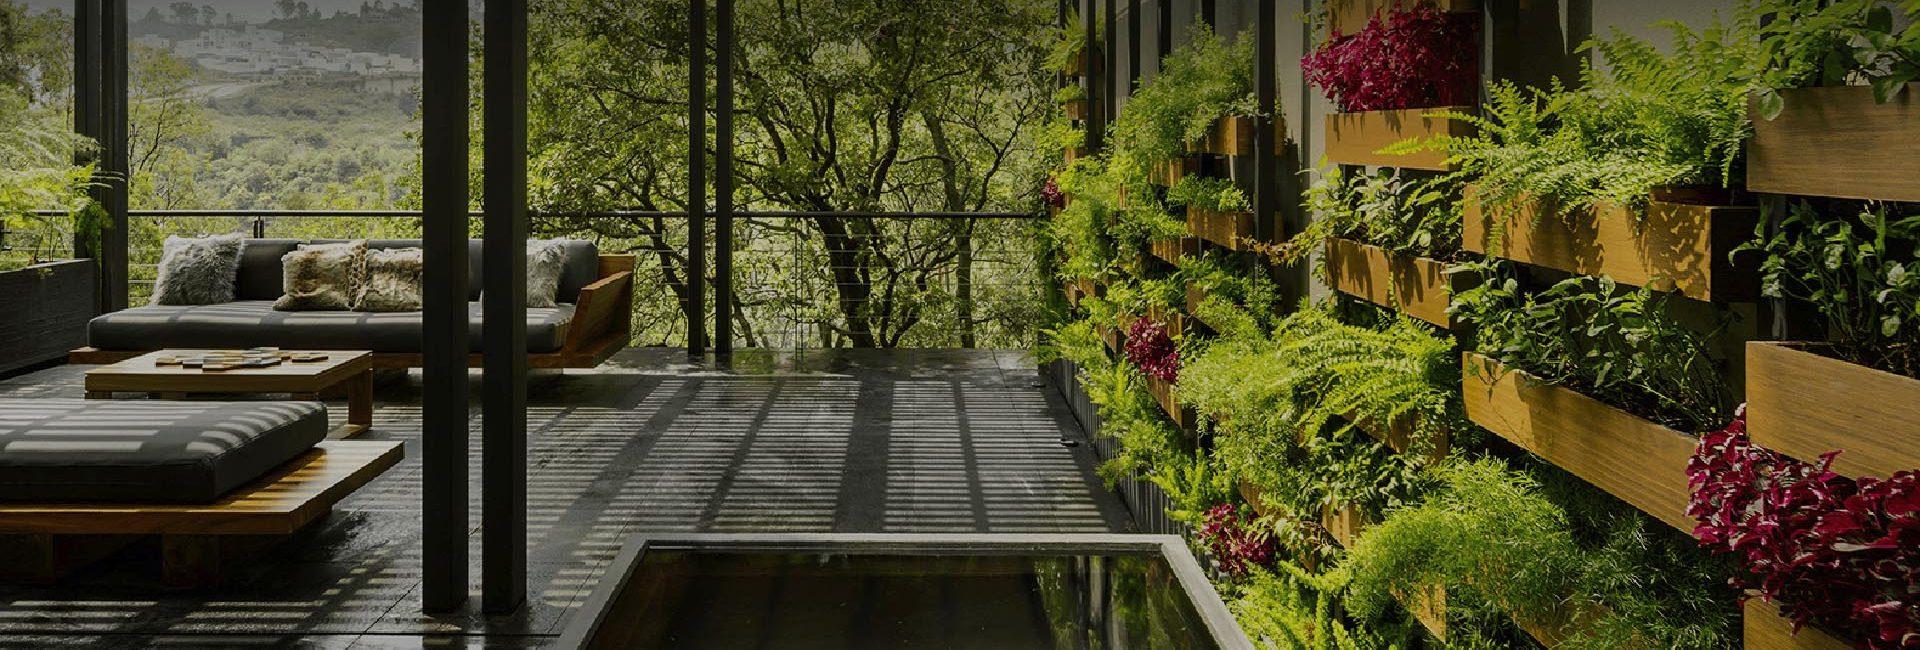 solucoes e projetos para arquitetura sustentavel e bioconstrucao conheca a loja online